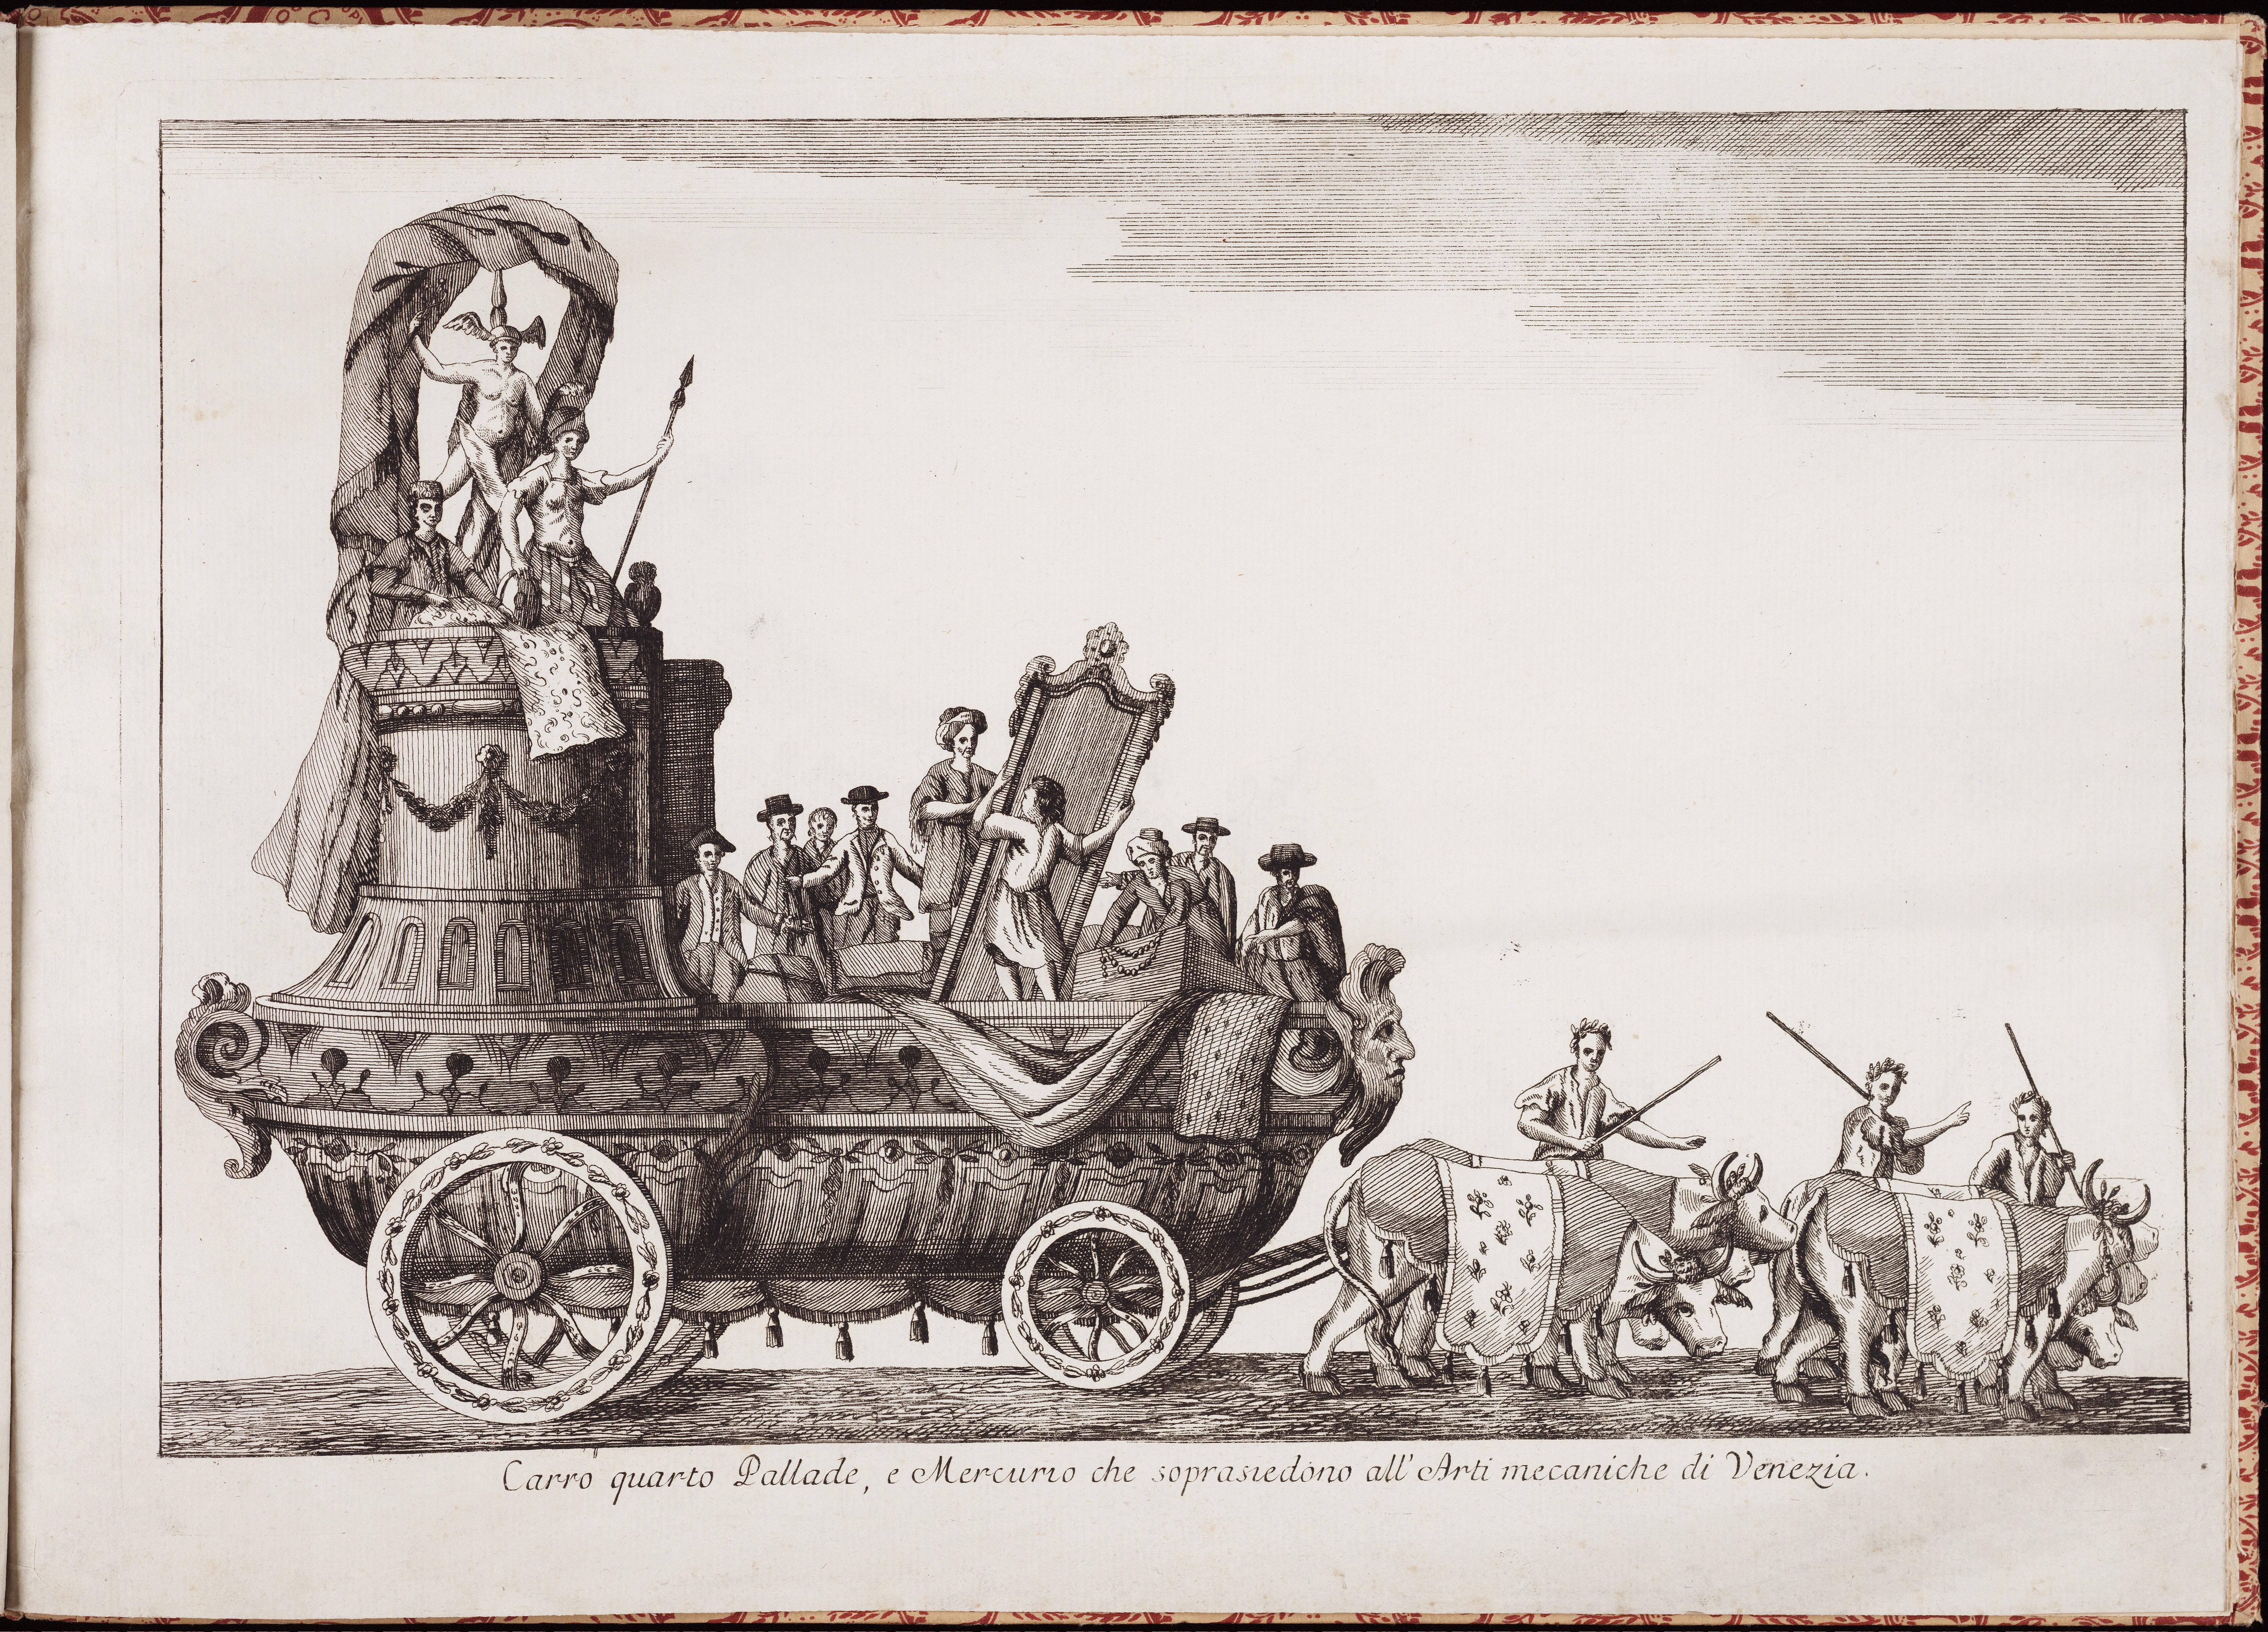 Колесница четвертая — Паллады и Меркурия, покровителей венецианского прикладного искусства